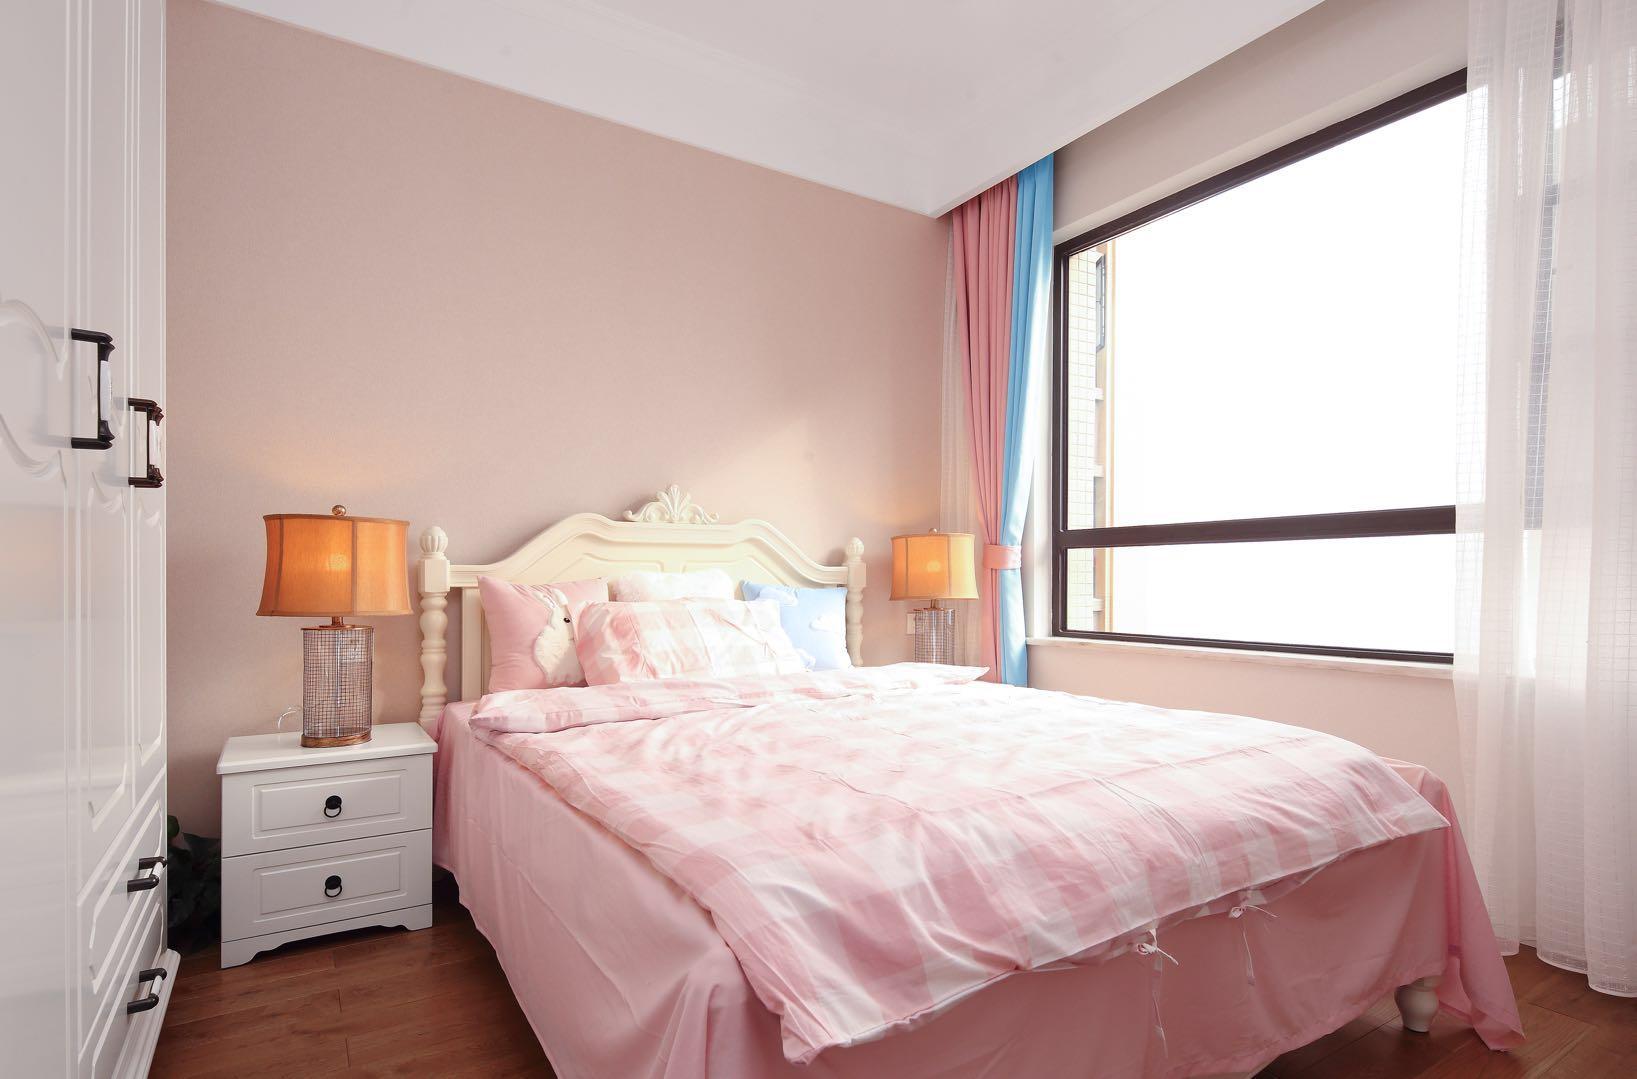 美式風格房子兒童房臥室粉色裝修效果圖